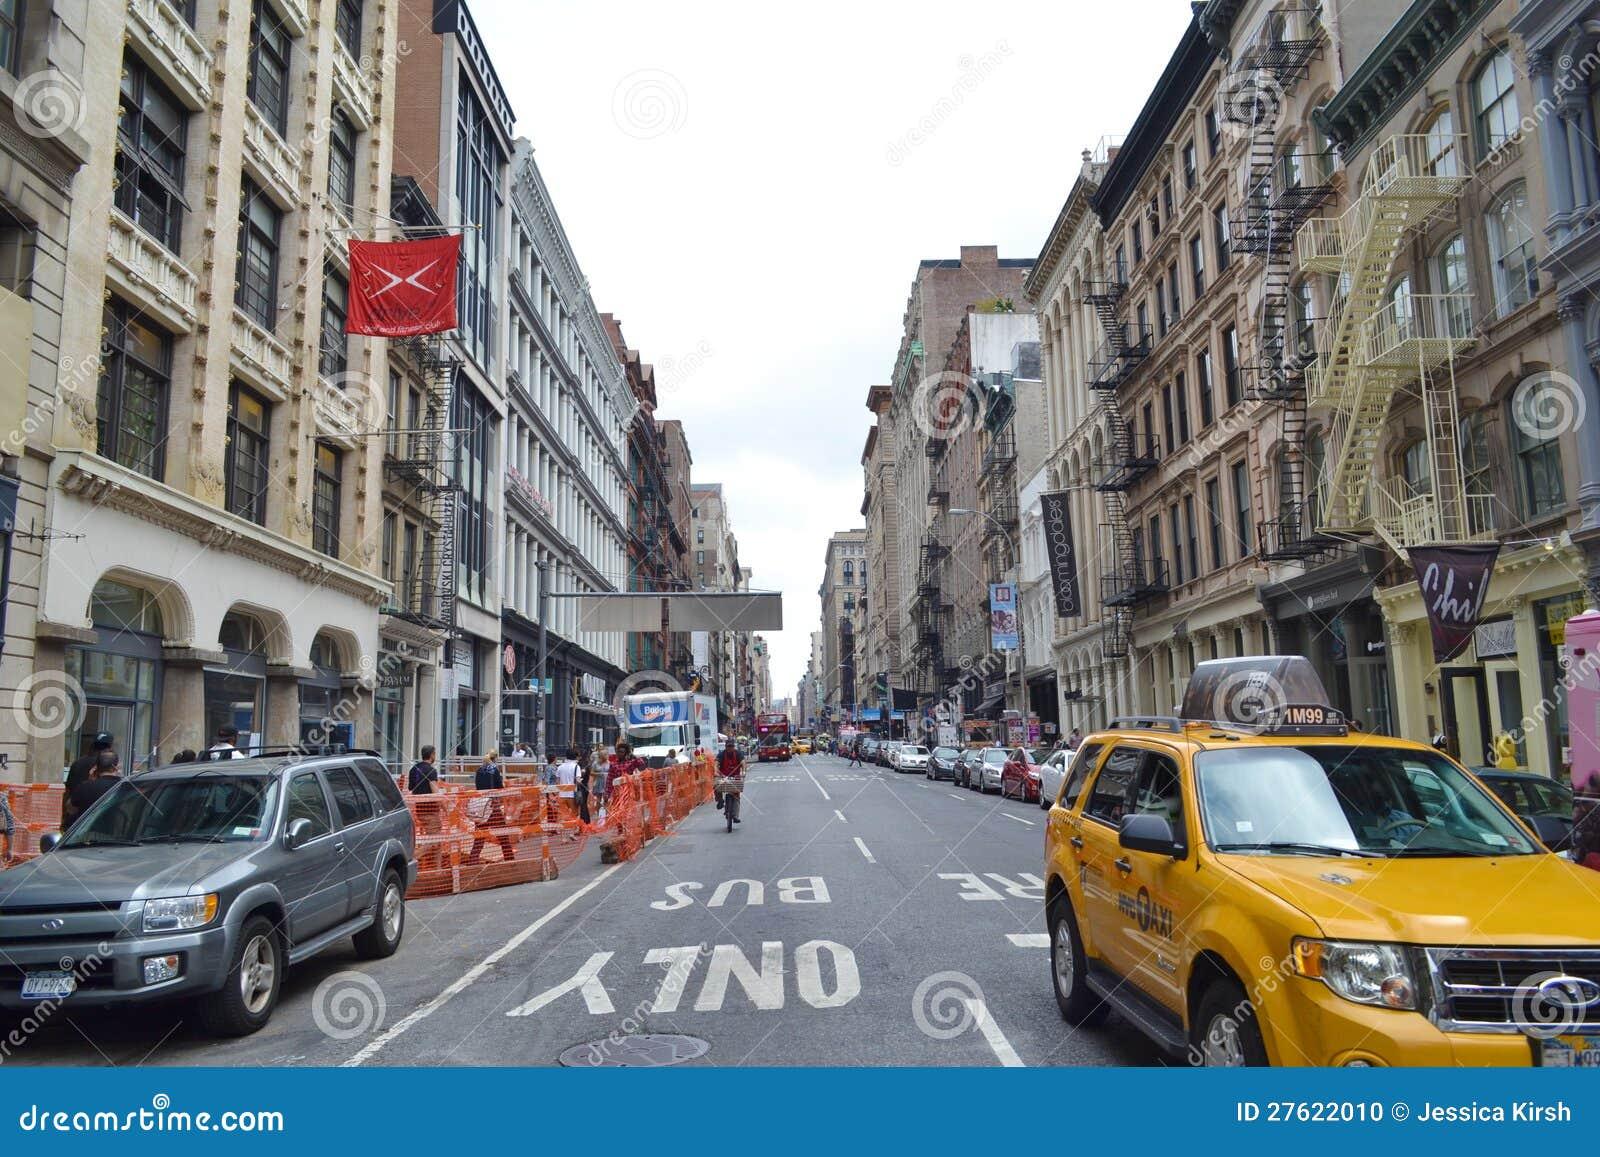 SoHo i New York City